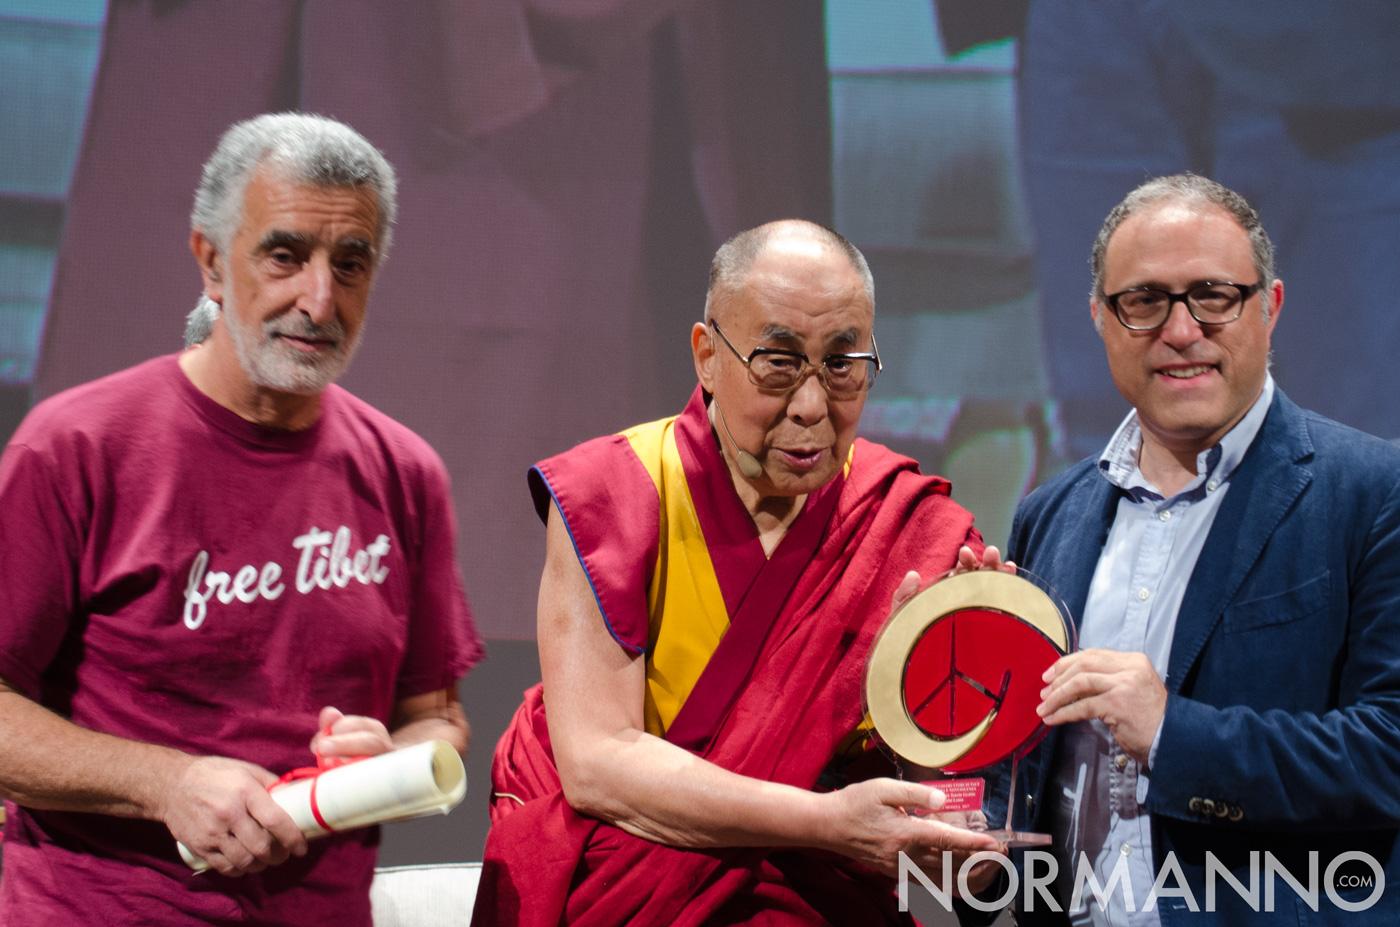 Foto del momento in cui la targa viene donata al Dalai Lama